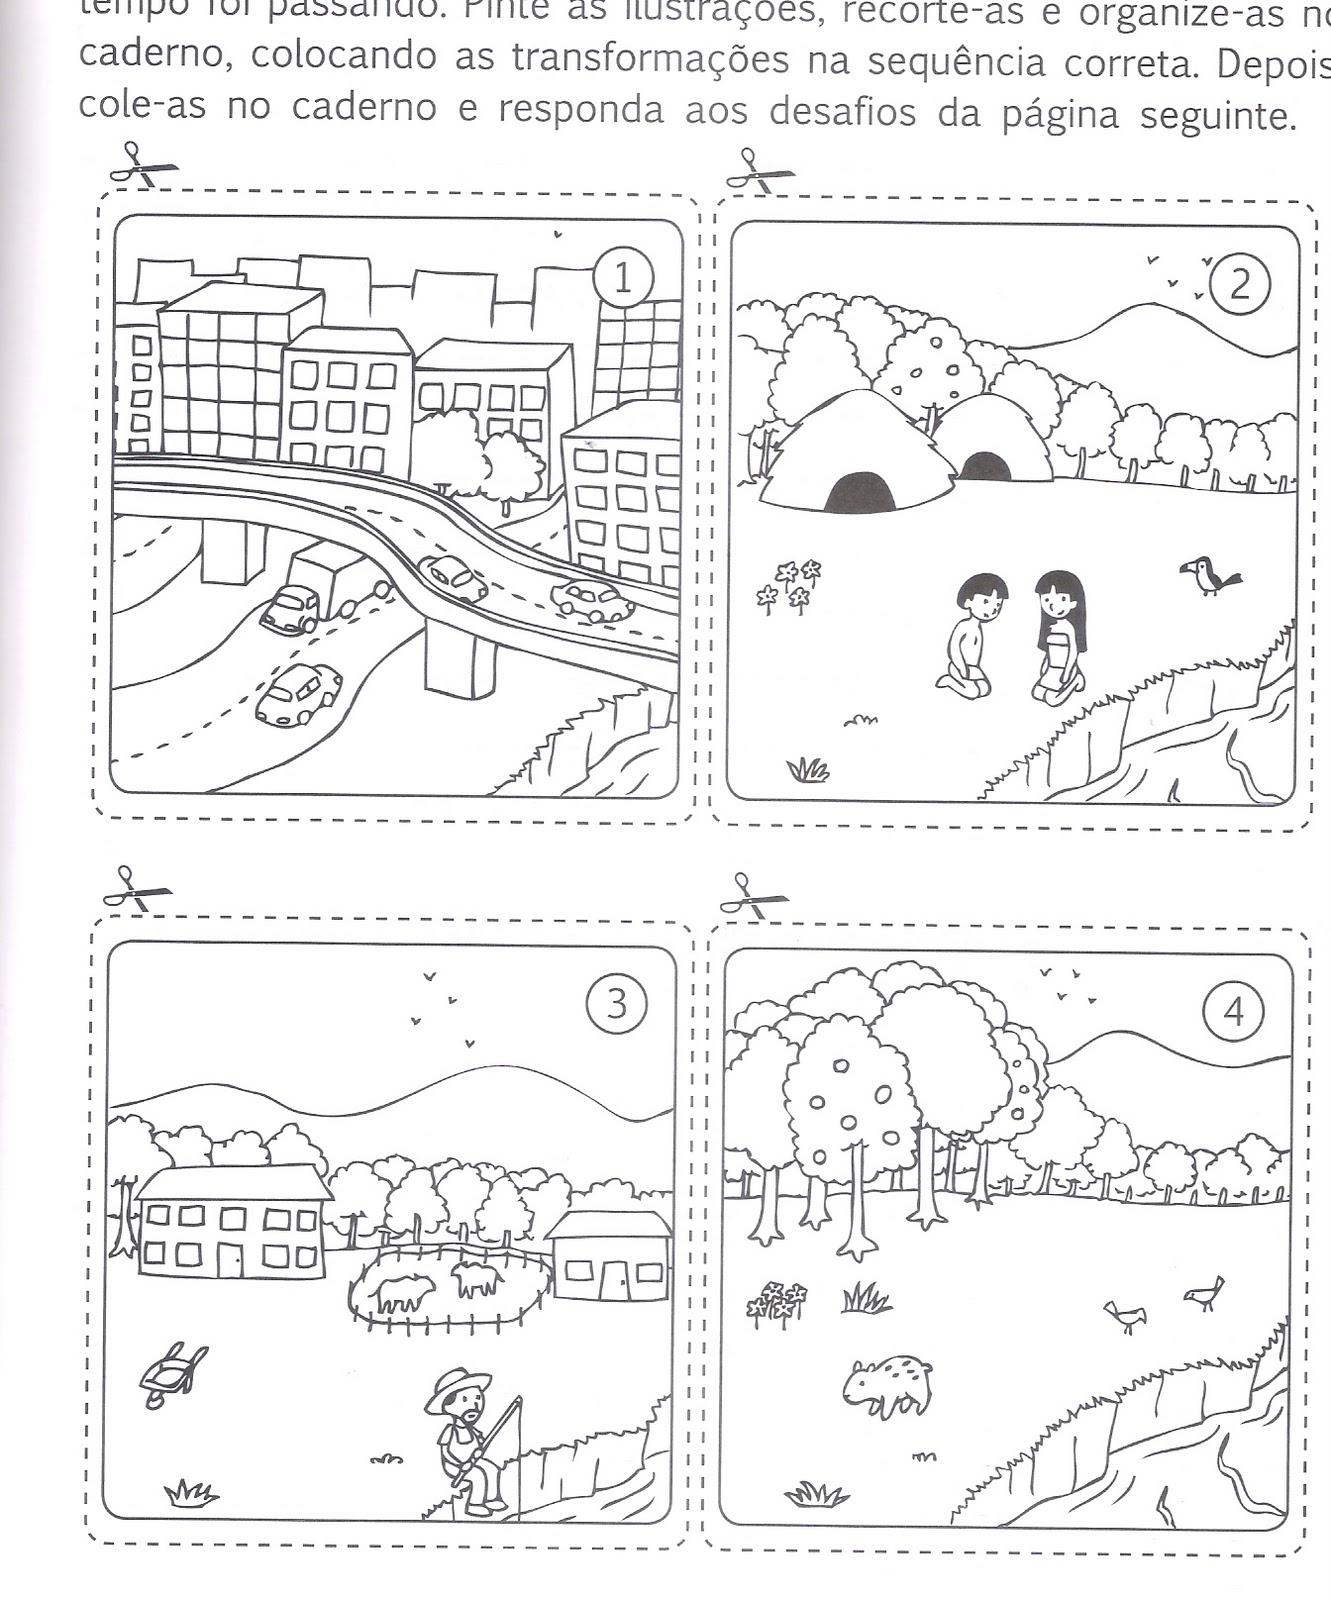 atividades alfabetizacao jardim horta pomar:Qual das cenas representa um espaço natural? Explique sua escolha